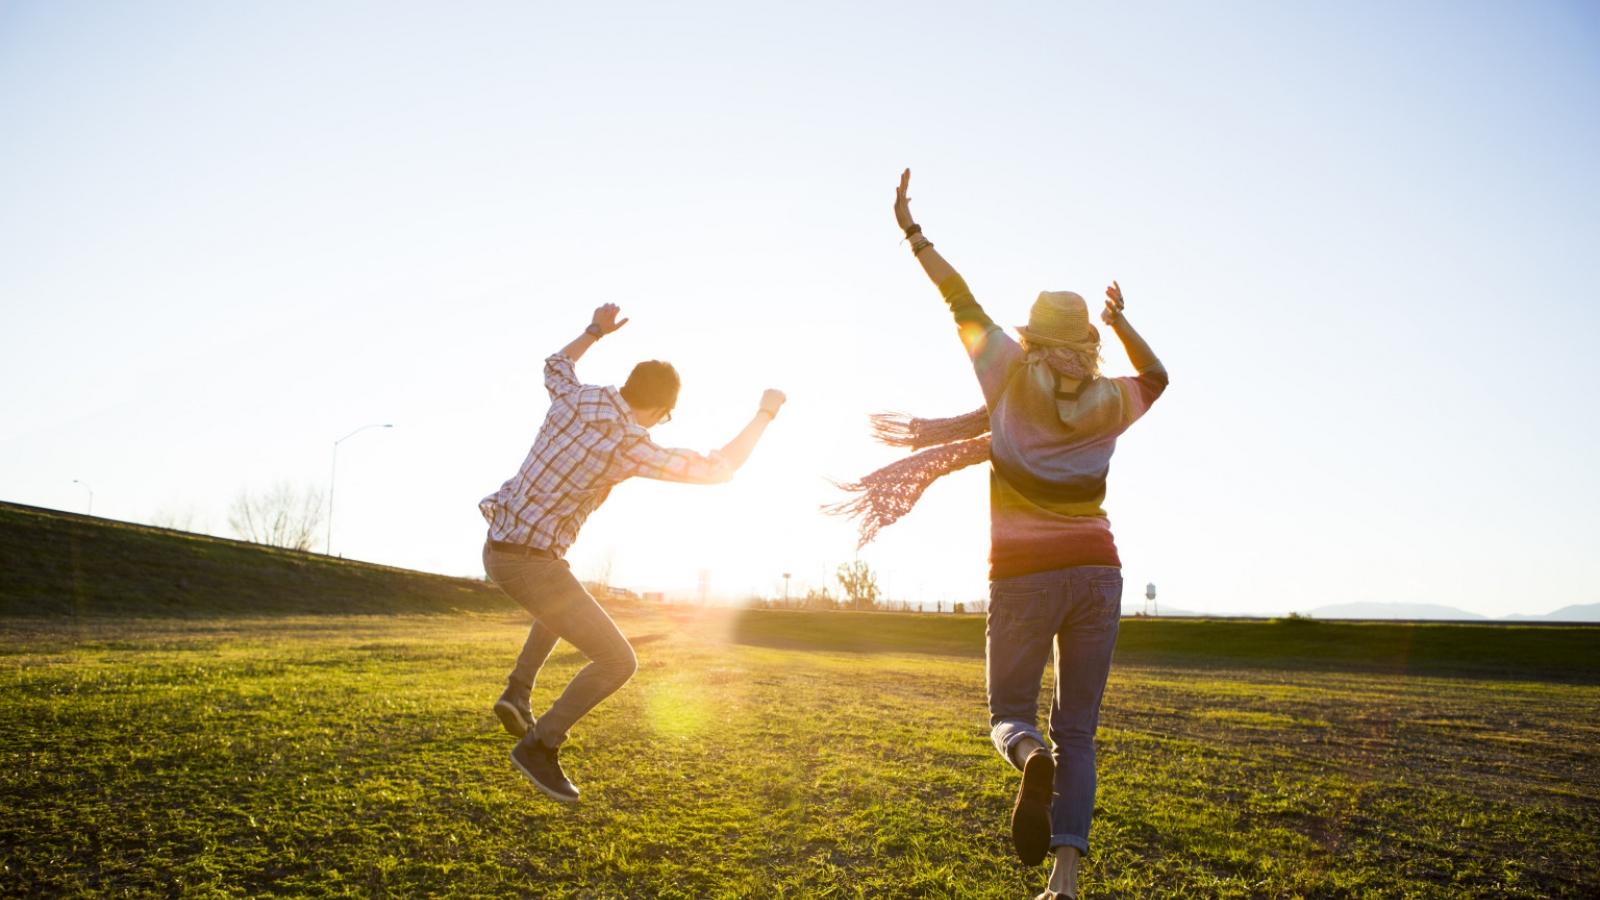 Các cách để nắm bắt khoảnh khắc và tận hưởng cuộc sống nhiều hơn